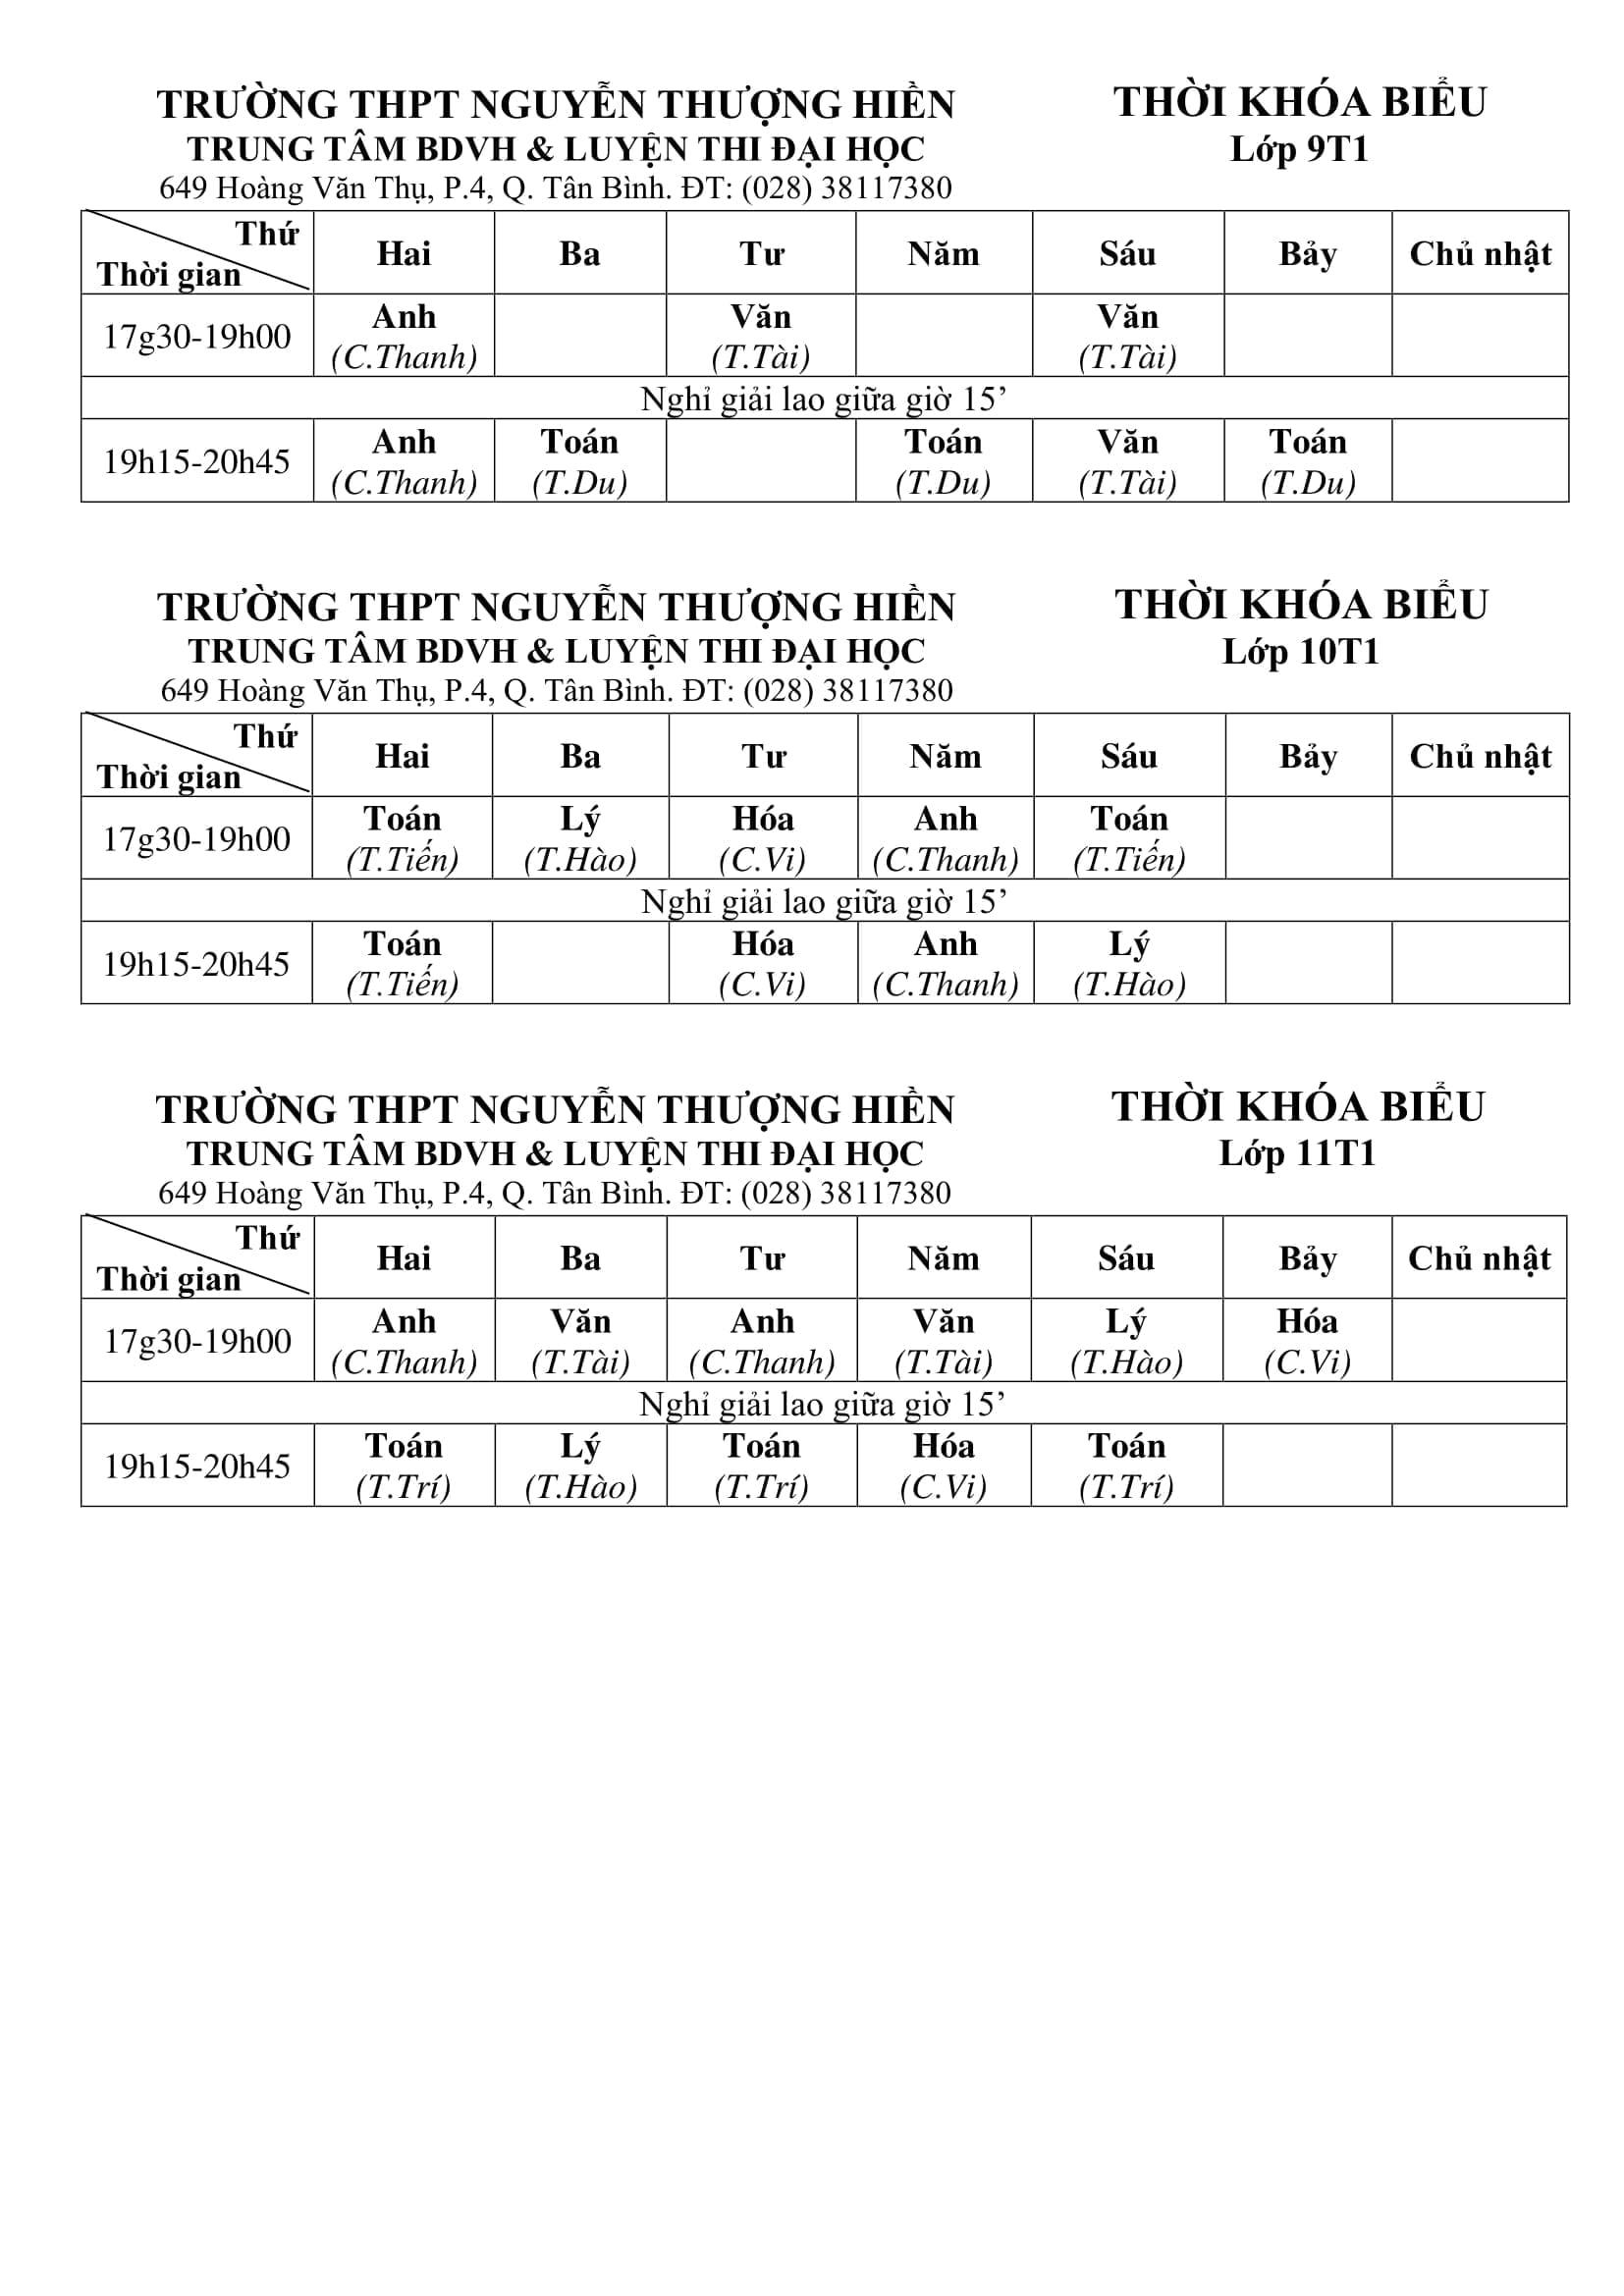 TKB các lớp Bồi Dưỡng Văn Hóa, Học Thêm 2020 Từ Ngày 3/2/2020 (File Hình)